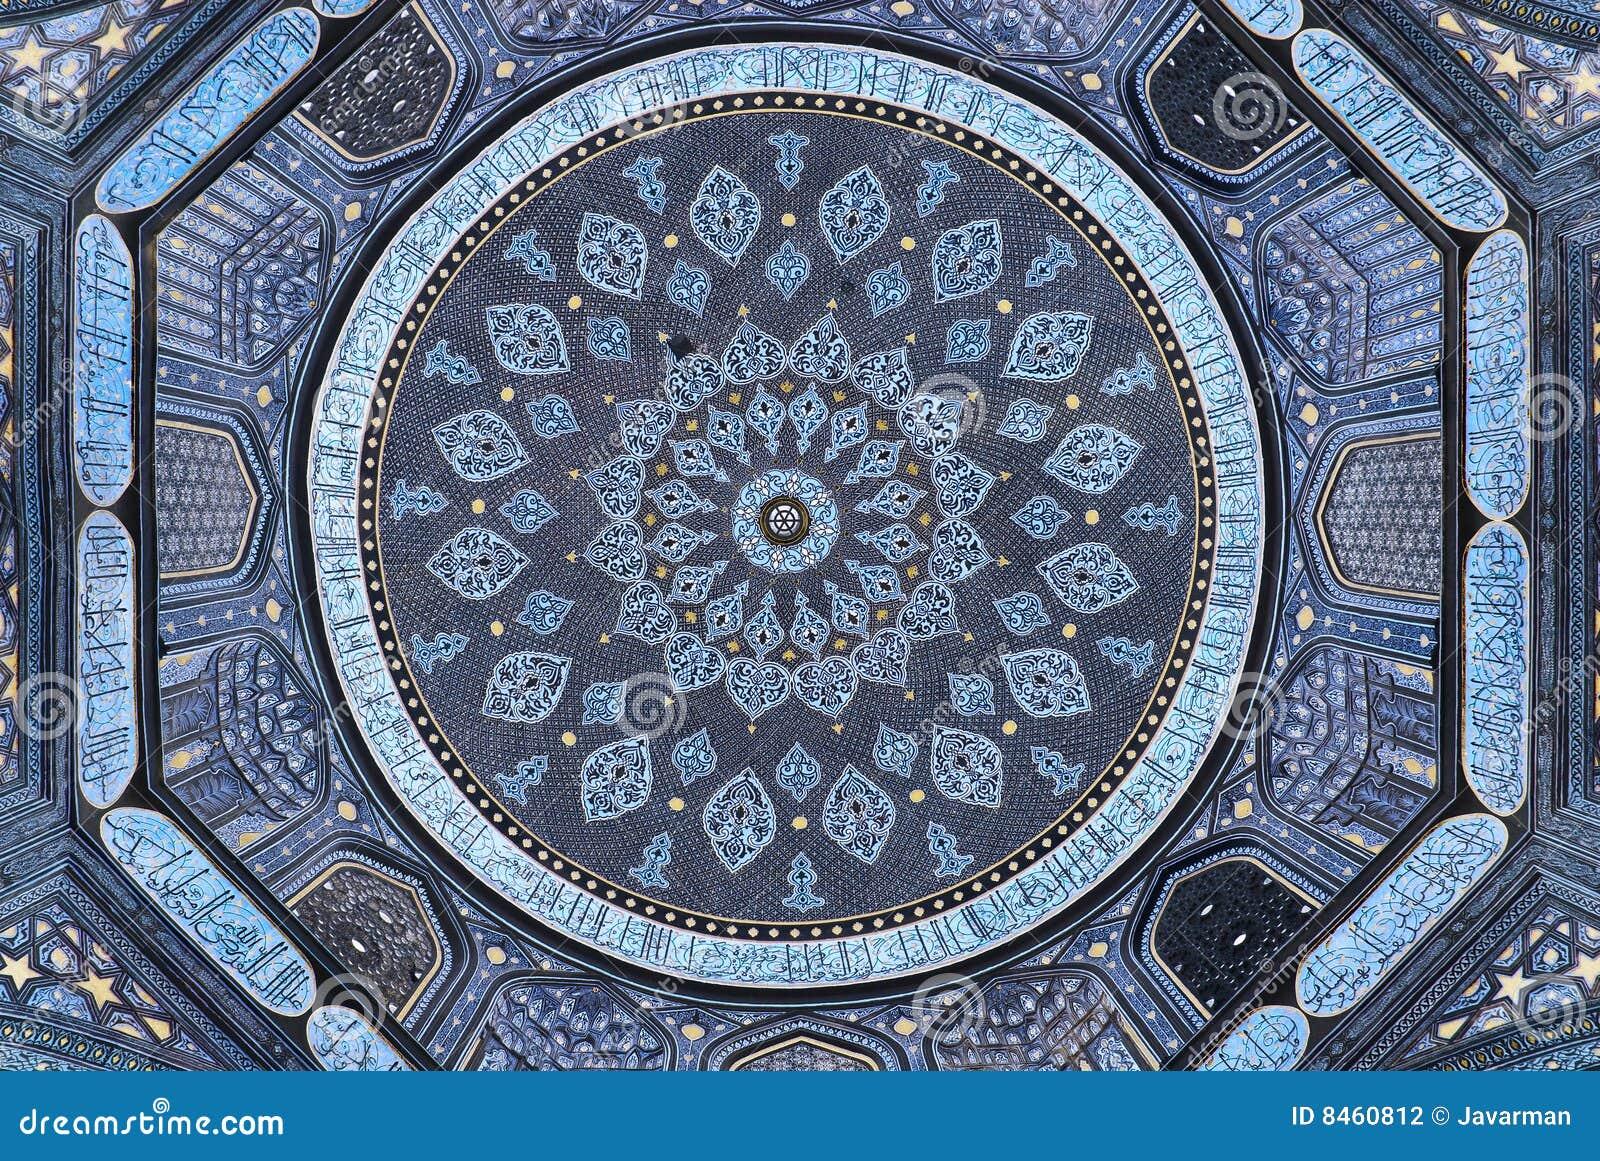 Kupol av moskén, orientaliska prydnadar, Samarkand